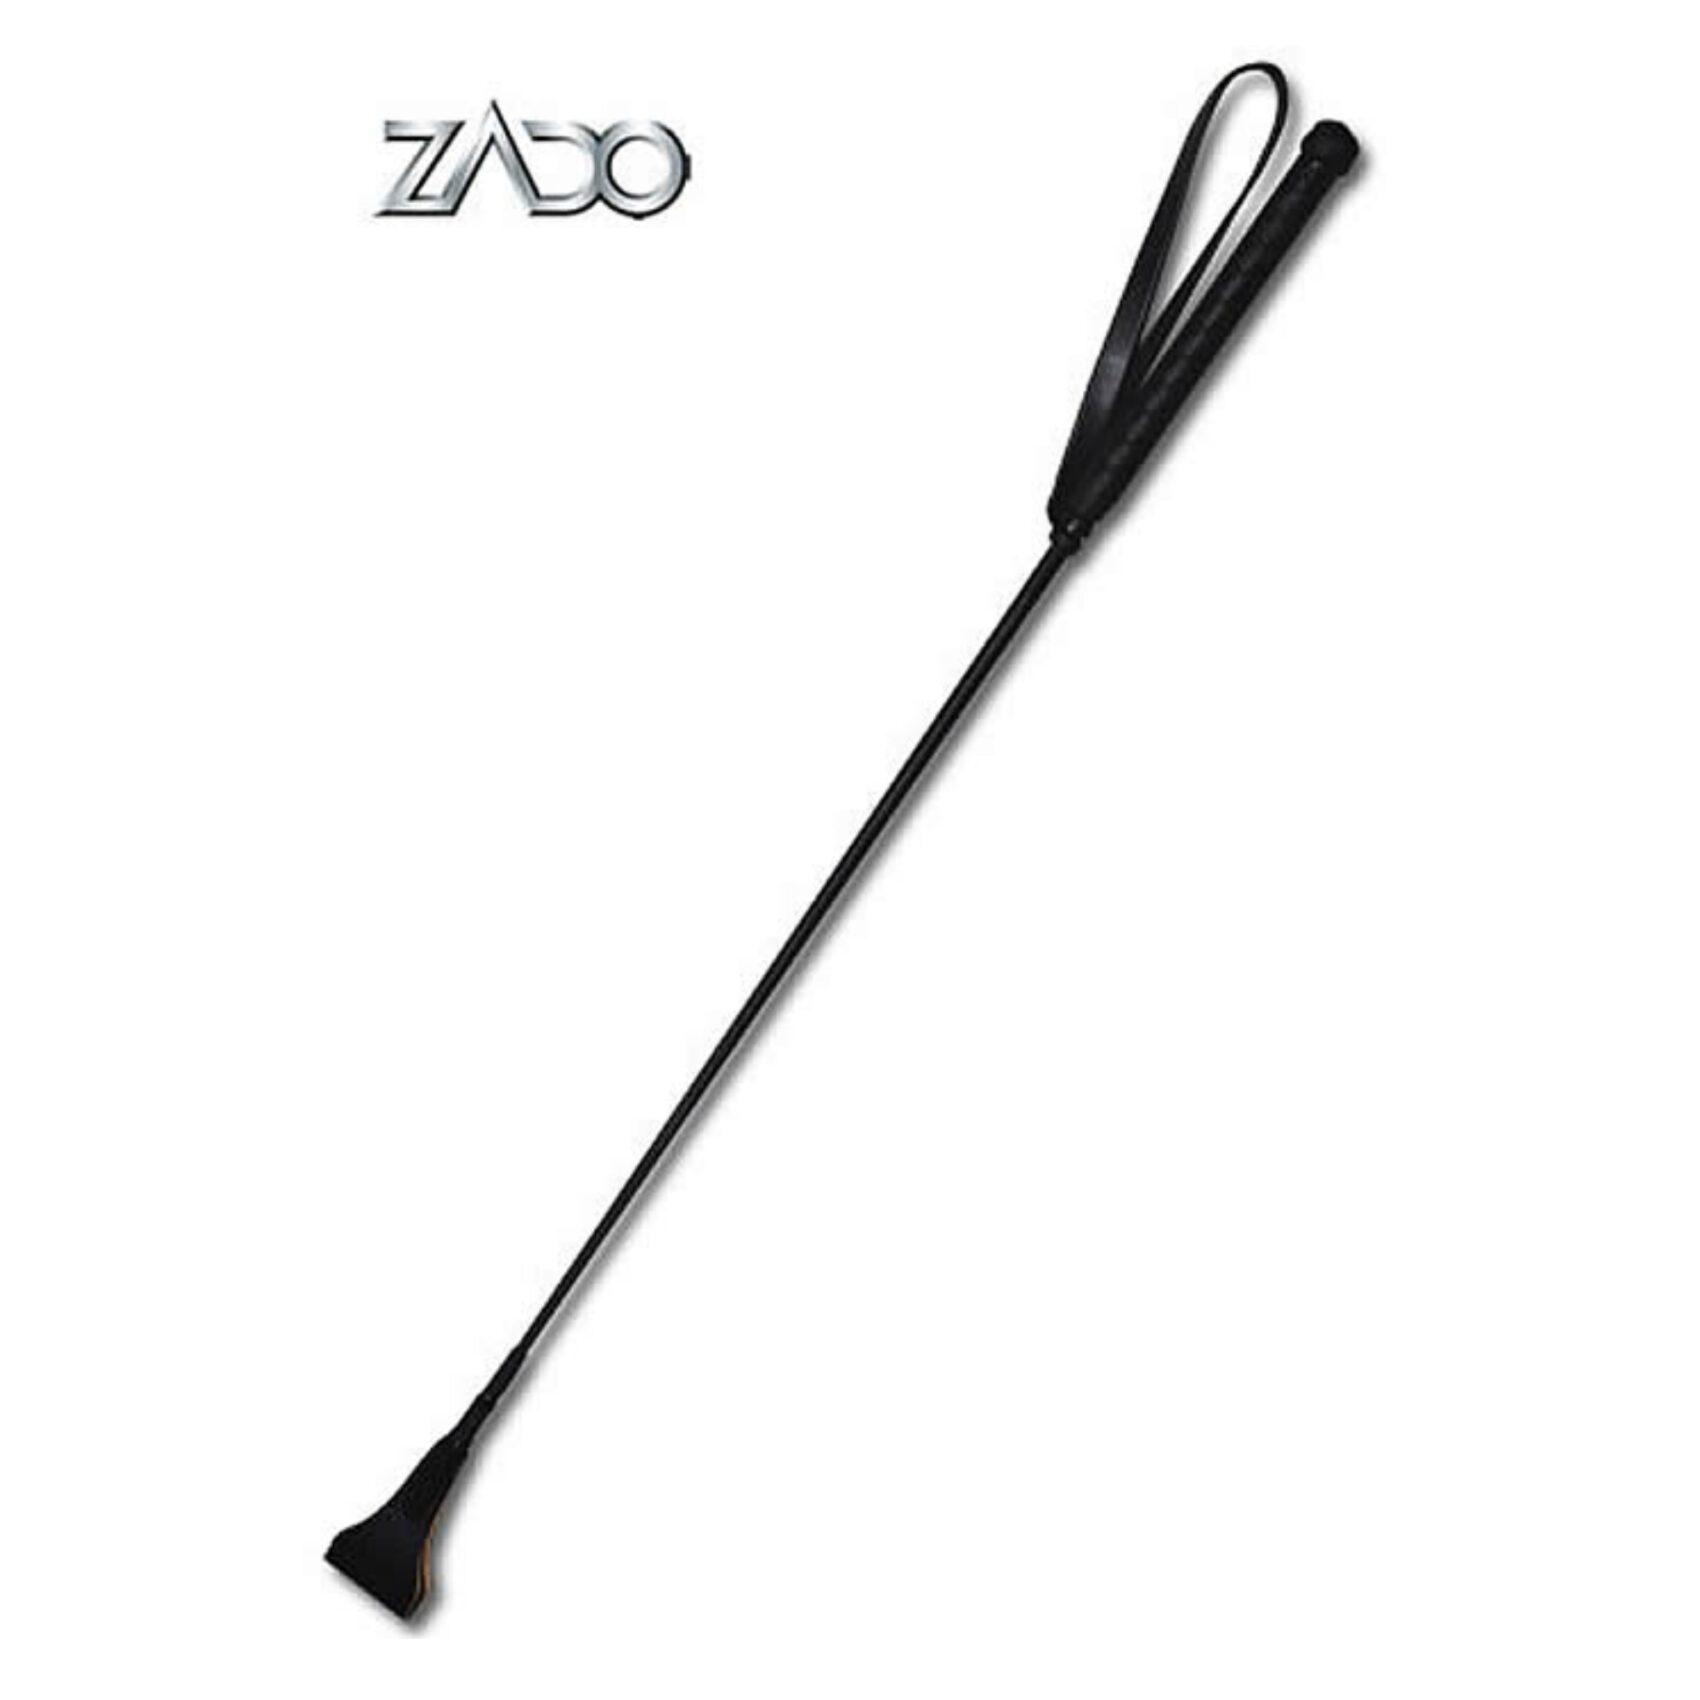 Køb Zado sort læder ridepisk